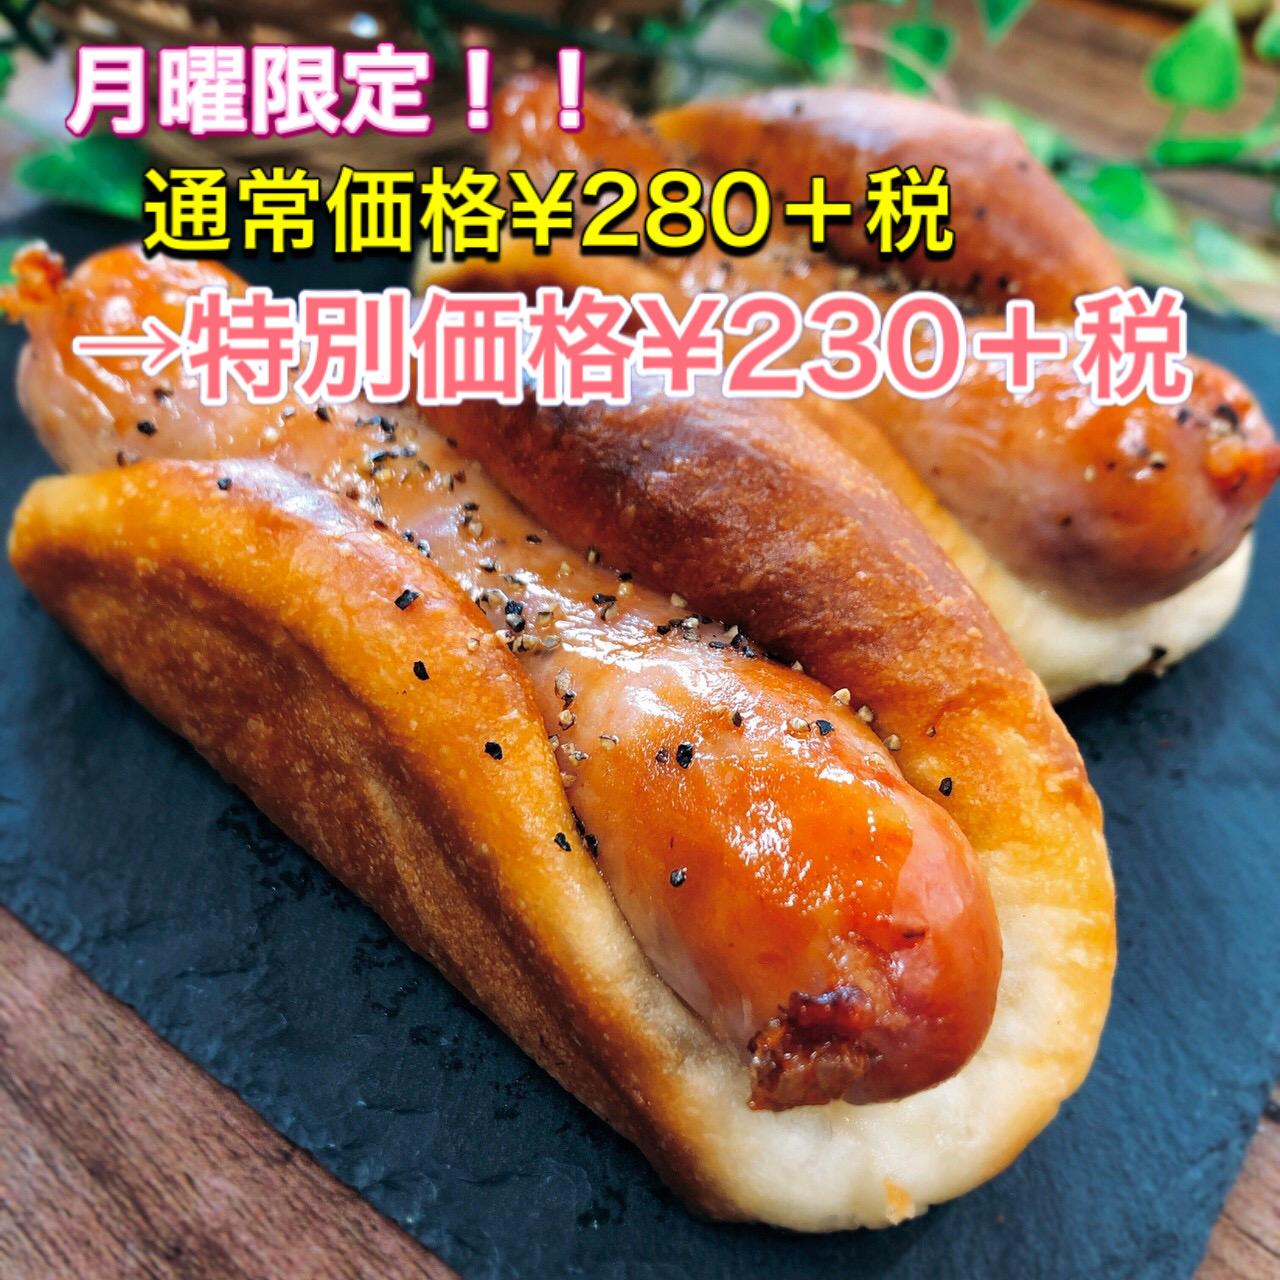 6月プチ企画【平日限定❣❣人気商品特売♪】